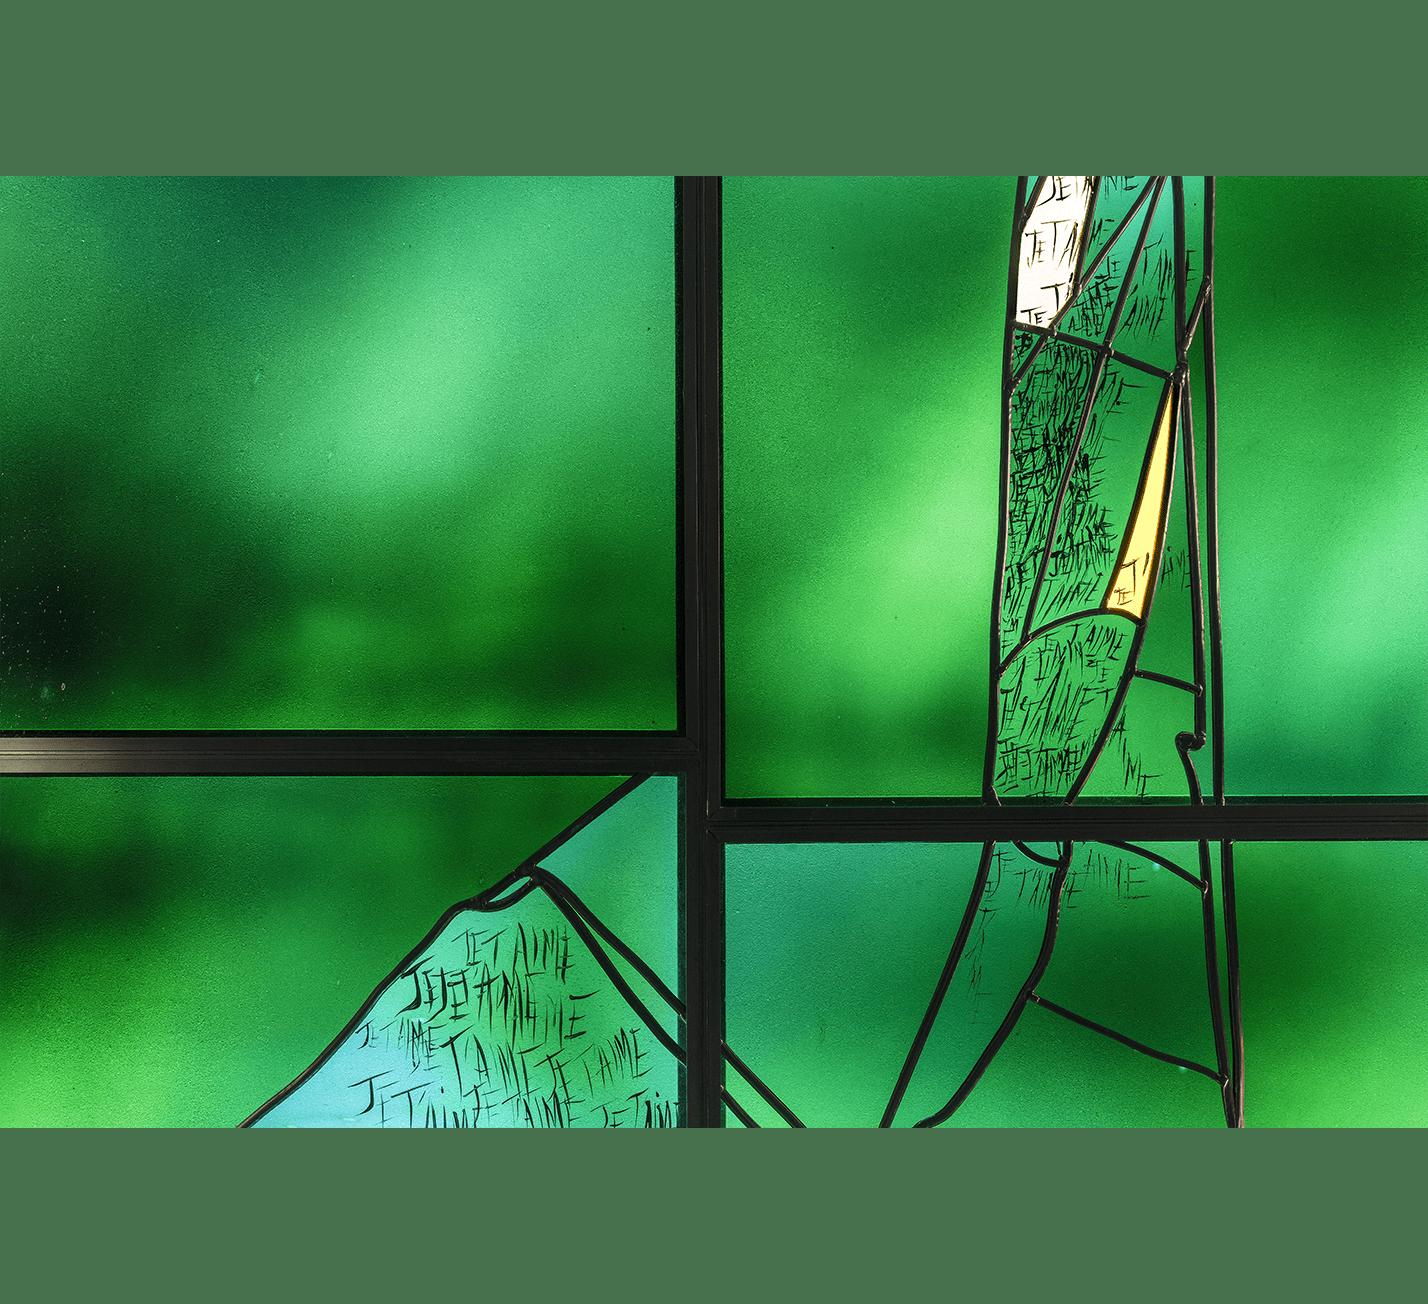 Projet-Patrick-Roger-Atelier-Steve-Pauline-Borgia-Architecture-interieur-05-min